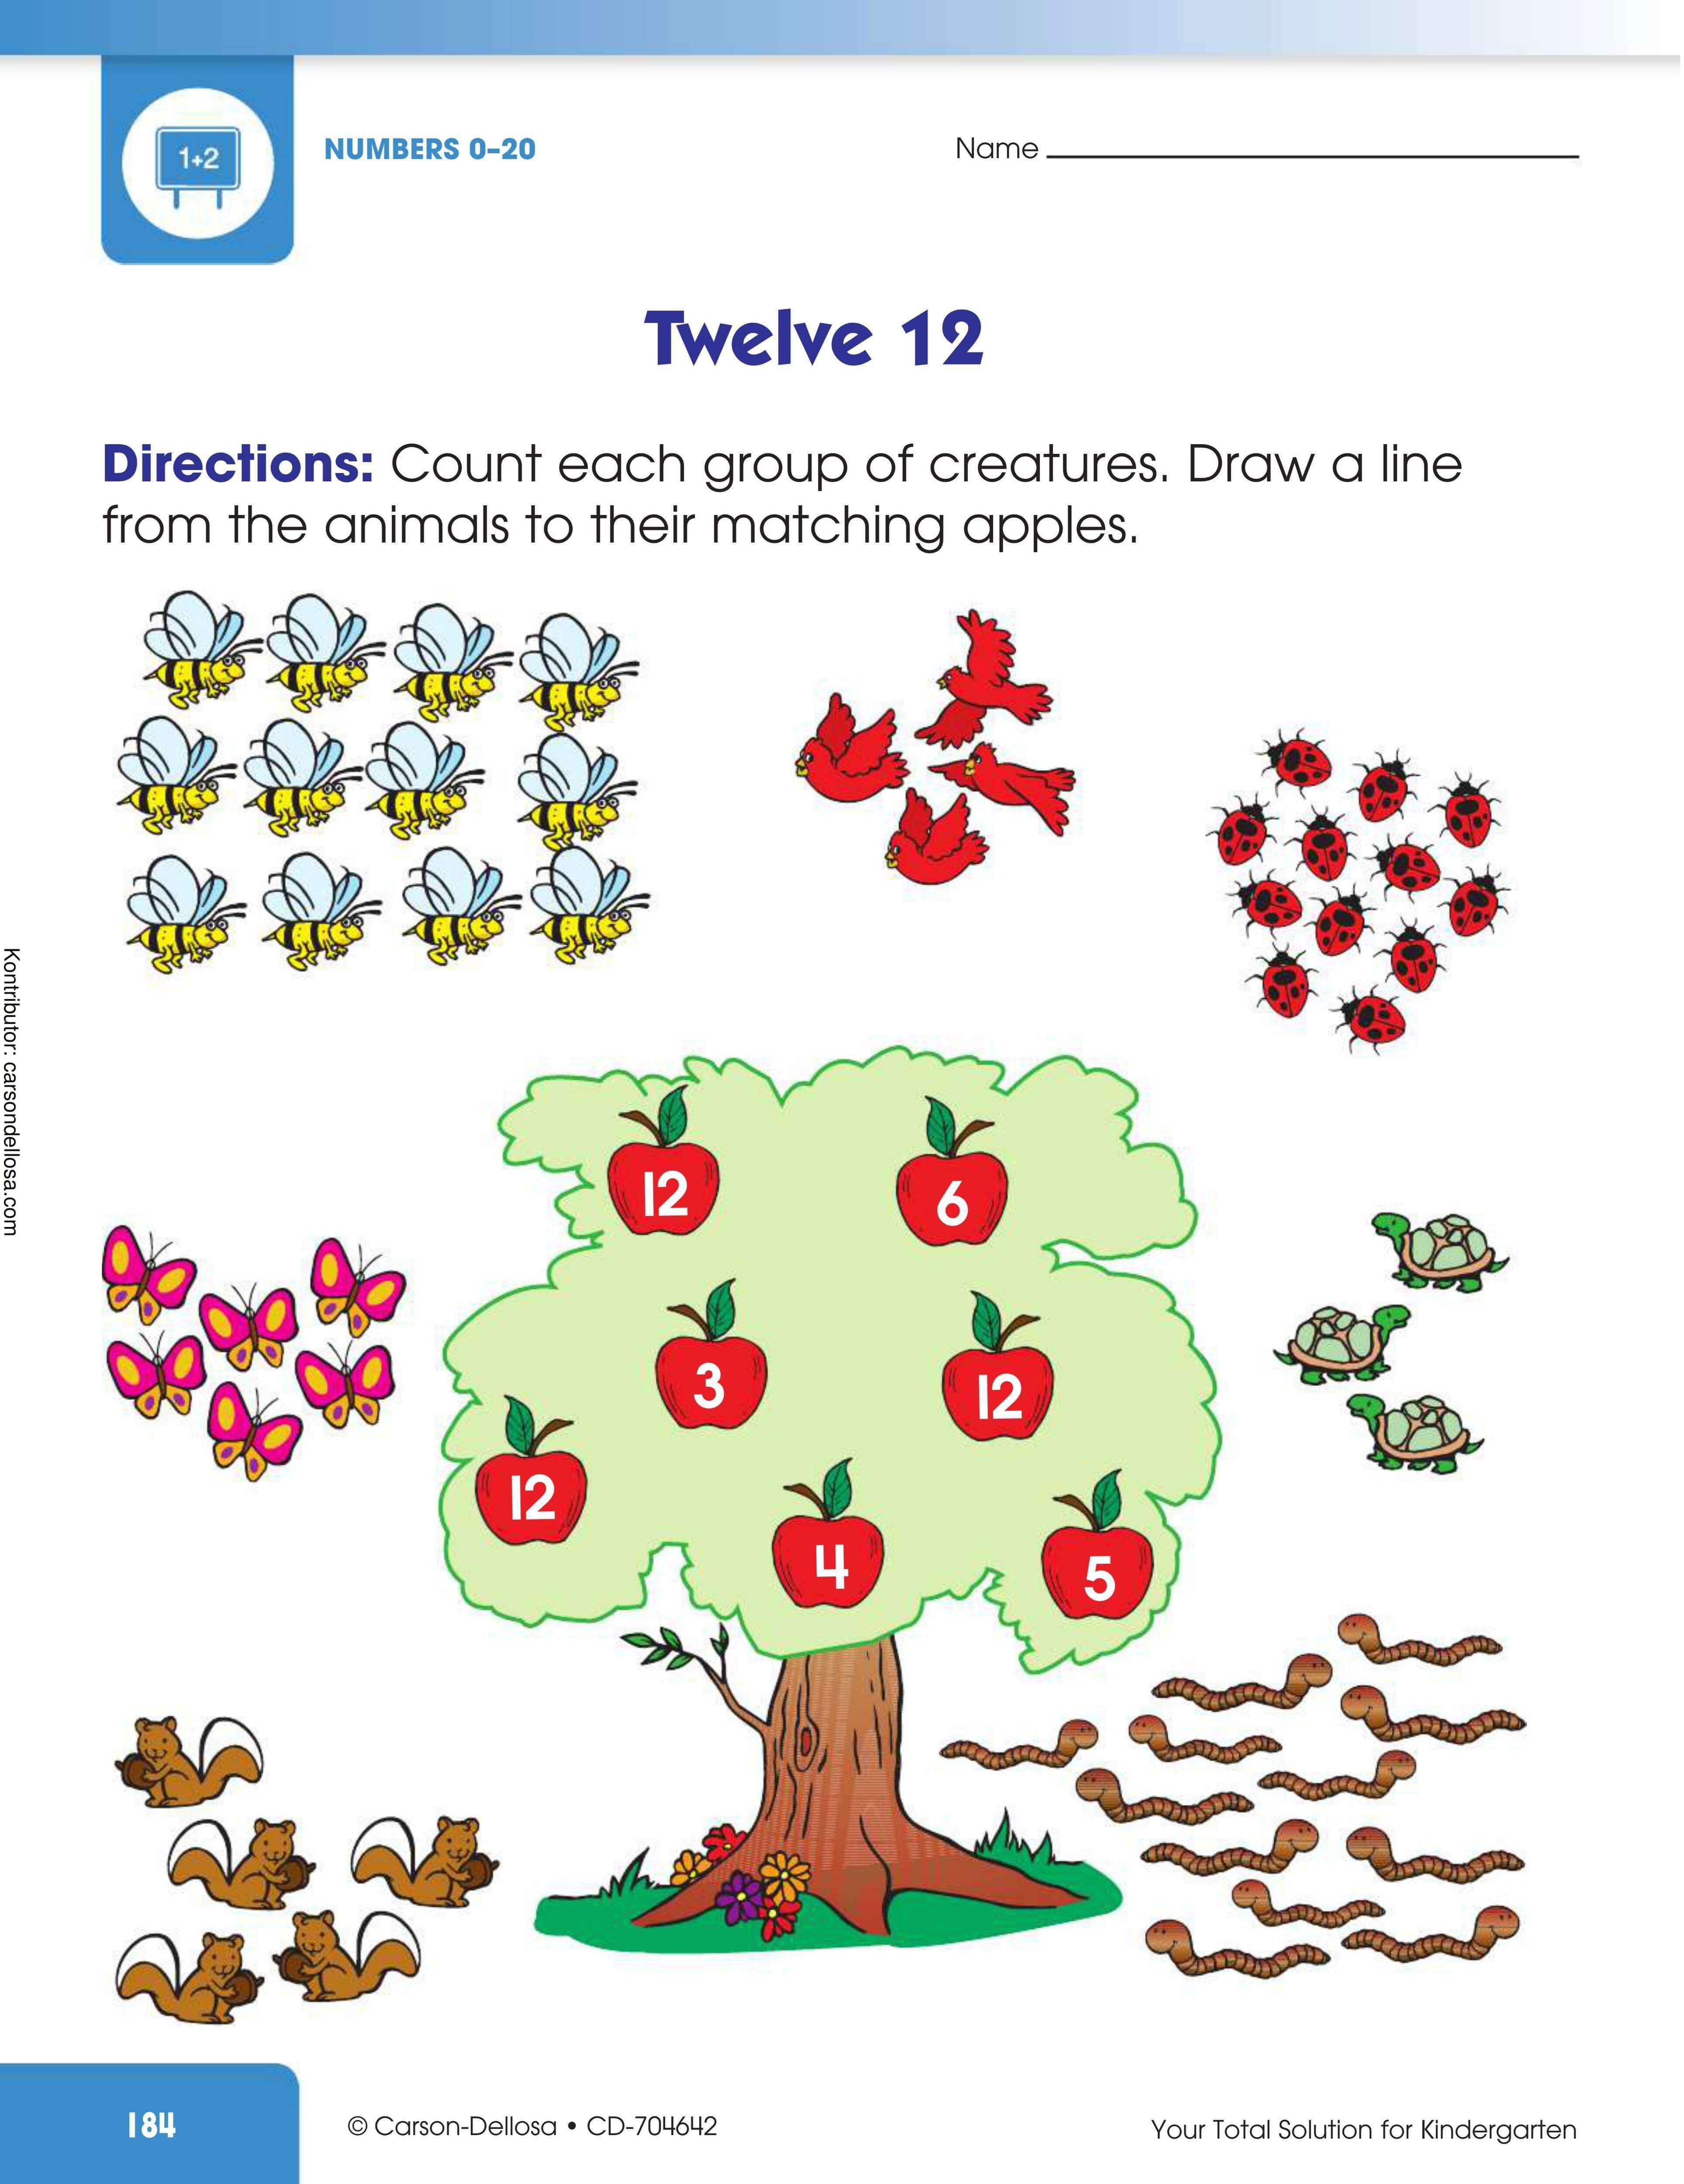 Mengenal Angka 12 Menghitung Dan Menghubungkan Gambar Gambar Hubungan Anak